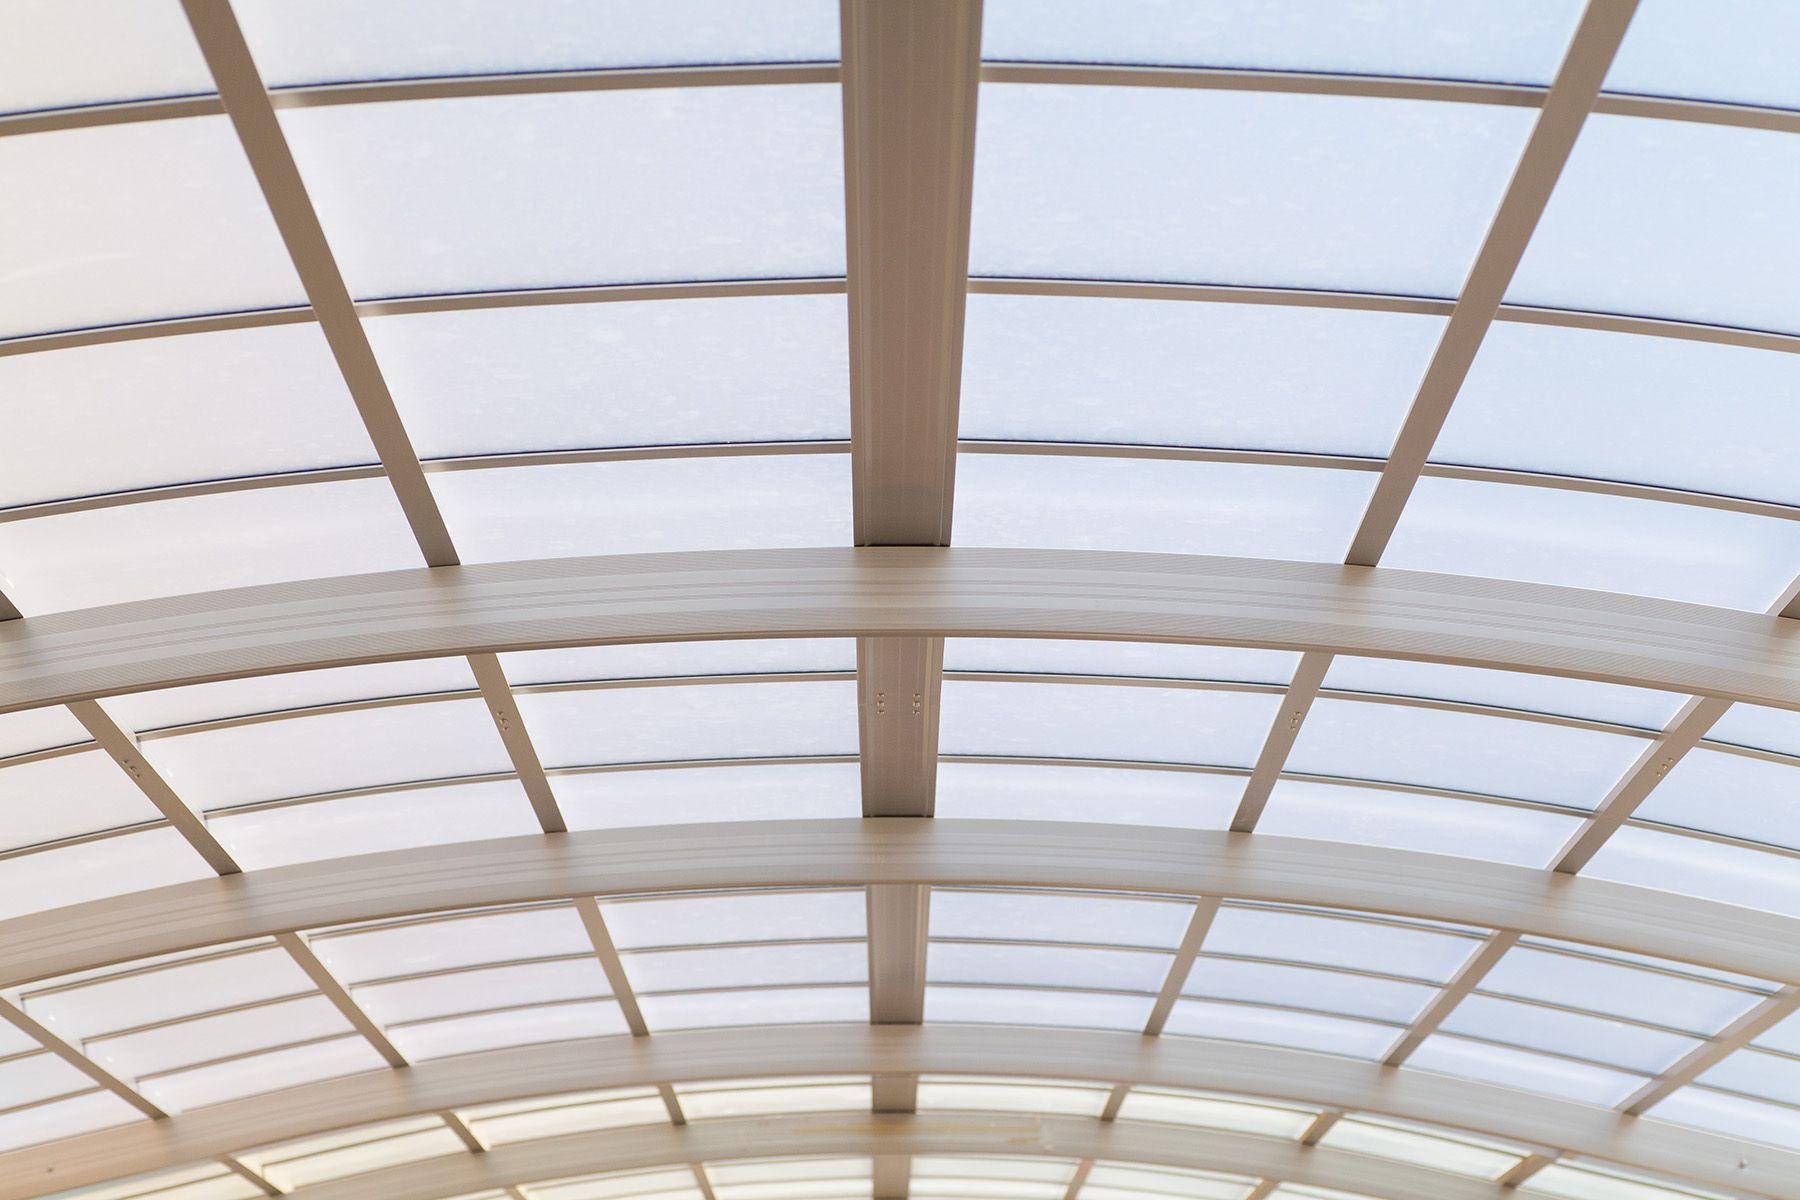 Foto 8 de Carpintería de aluminio, metálica y PVC en Rivas-Vaciamadrid | Beda Aluminios, S.L.